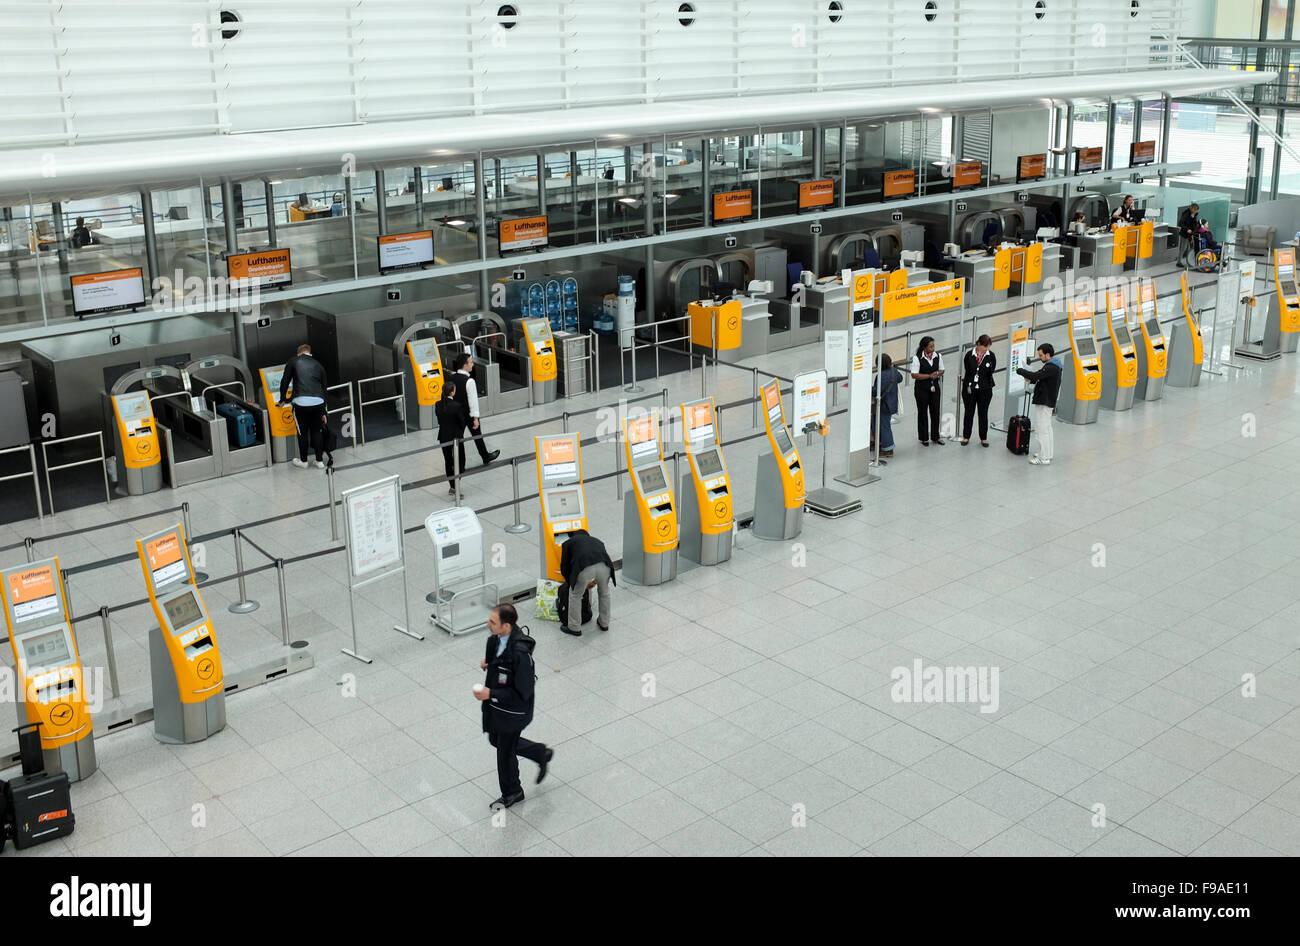 Ankunftszeiten Flughafen Frankfurt Am Main